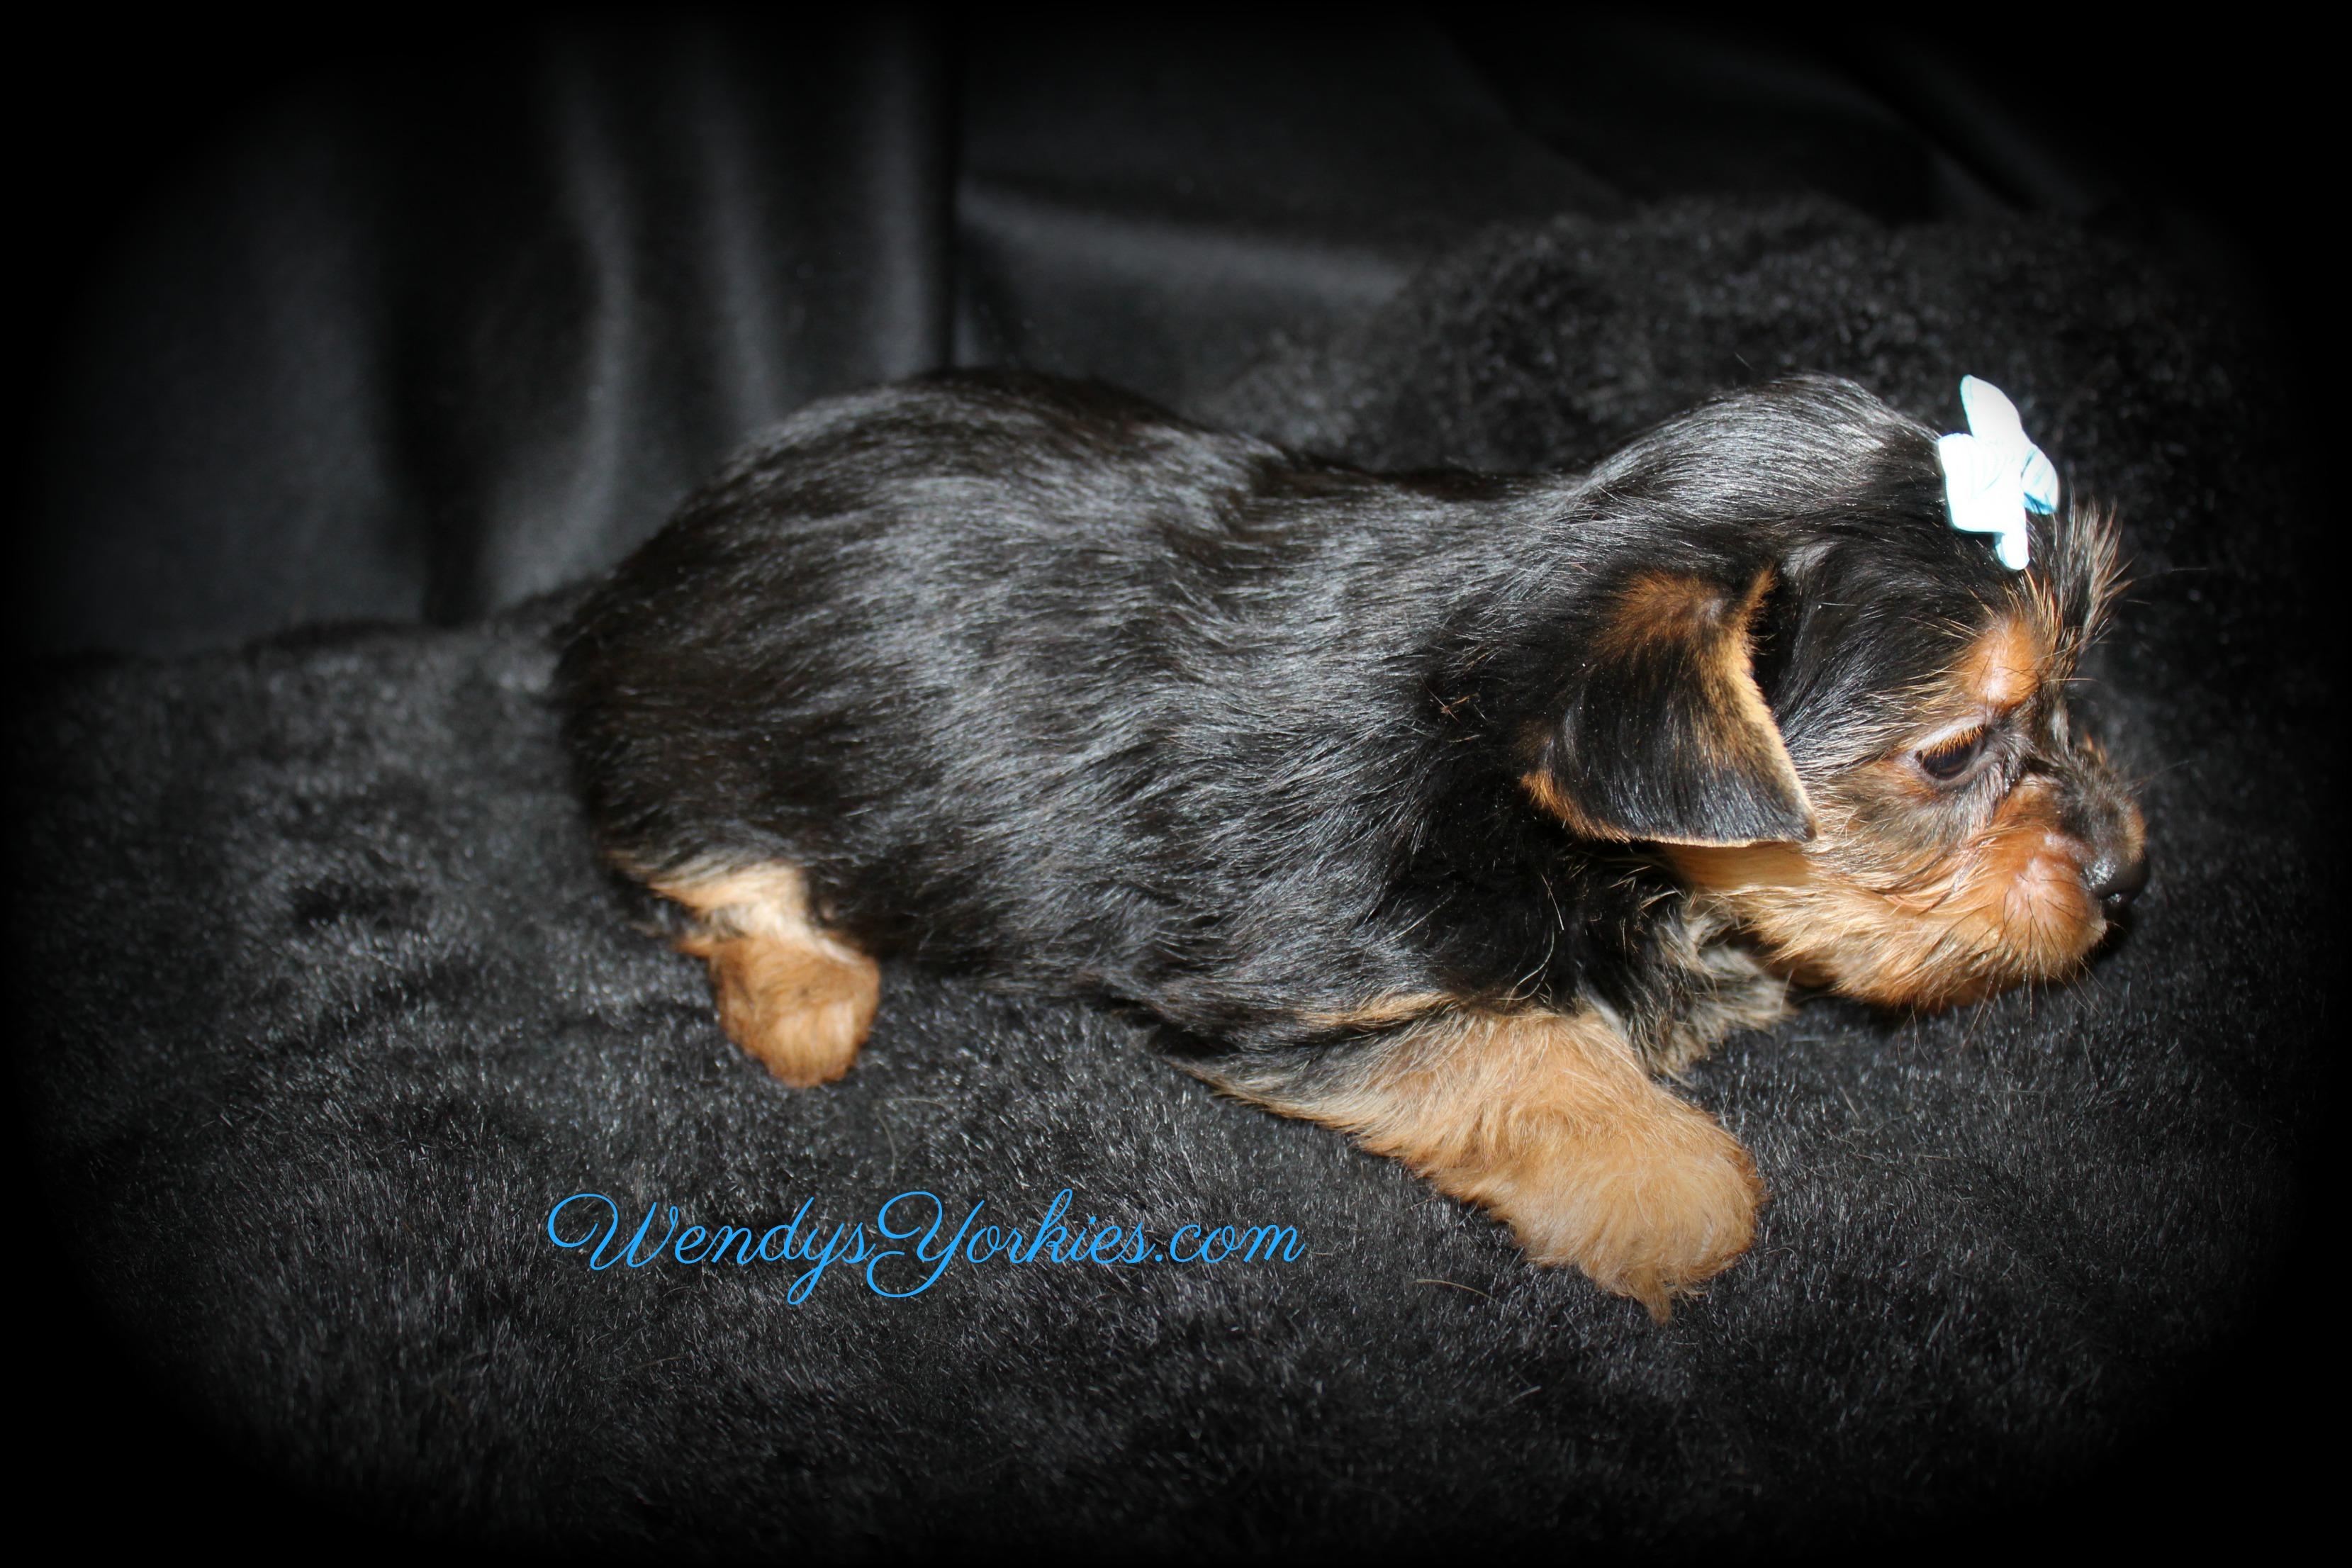 Male Yorkie puppys for sale, WendysYorkies.com, Skeeter m1